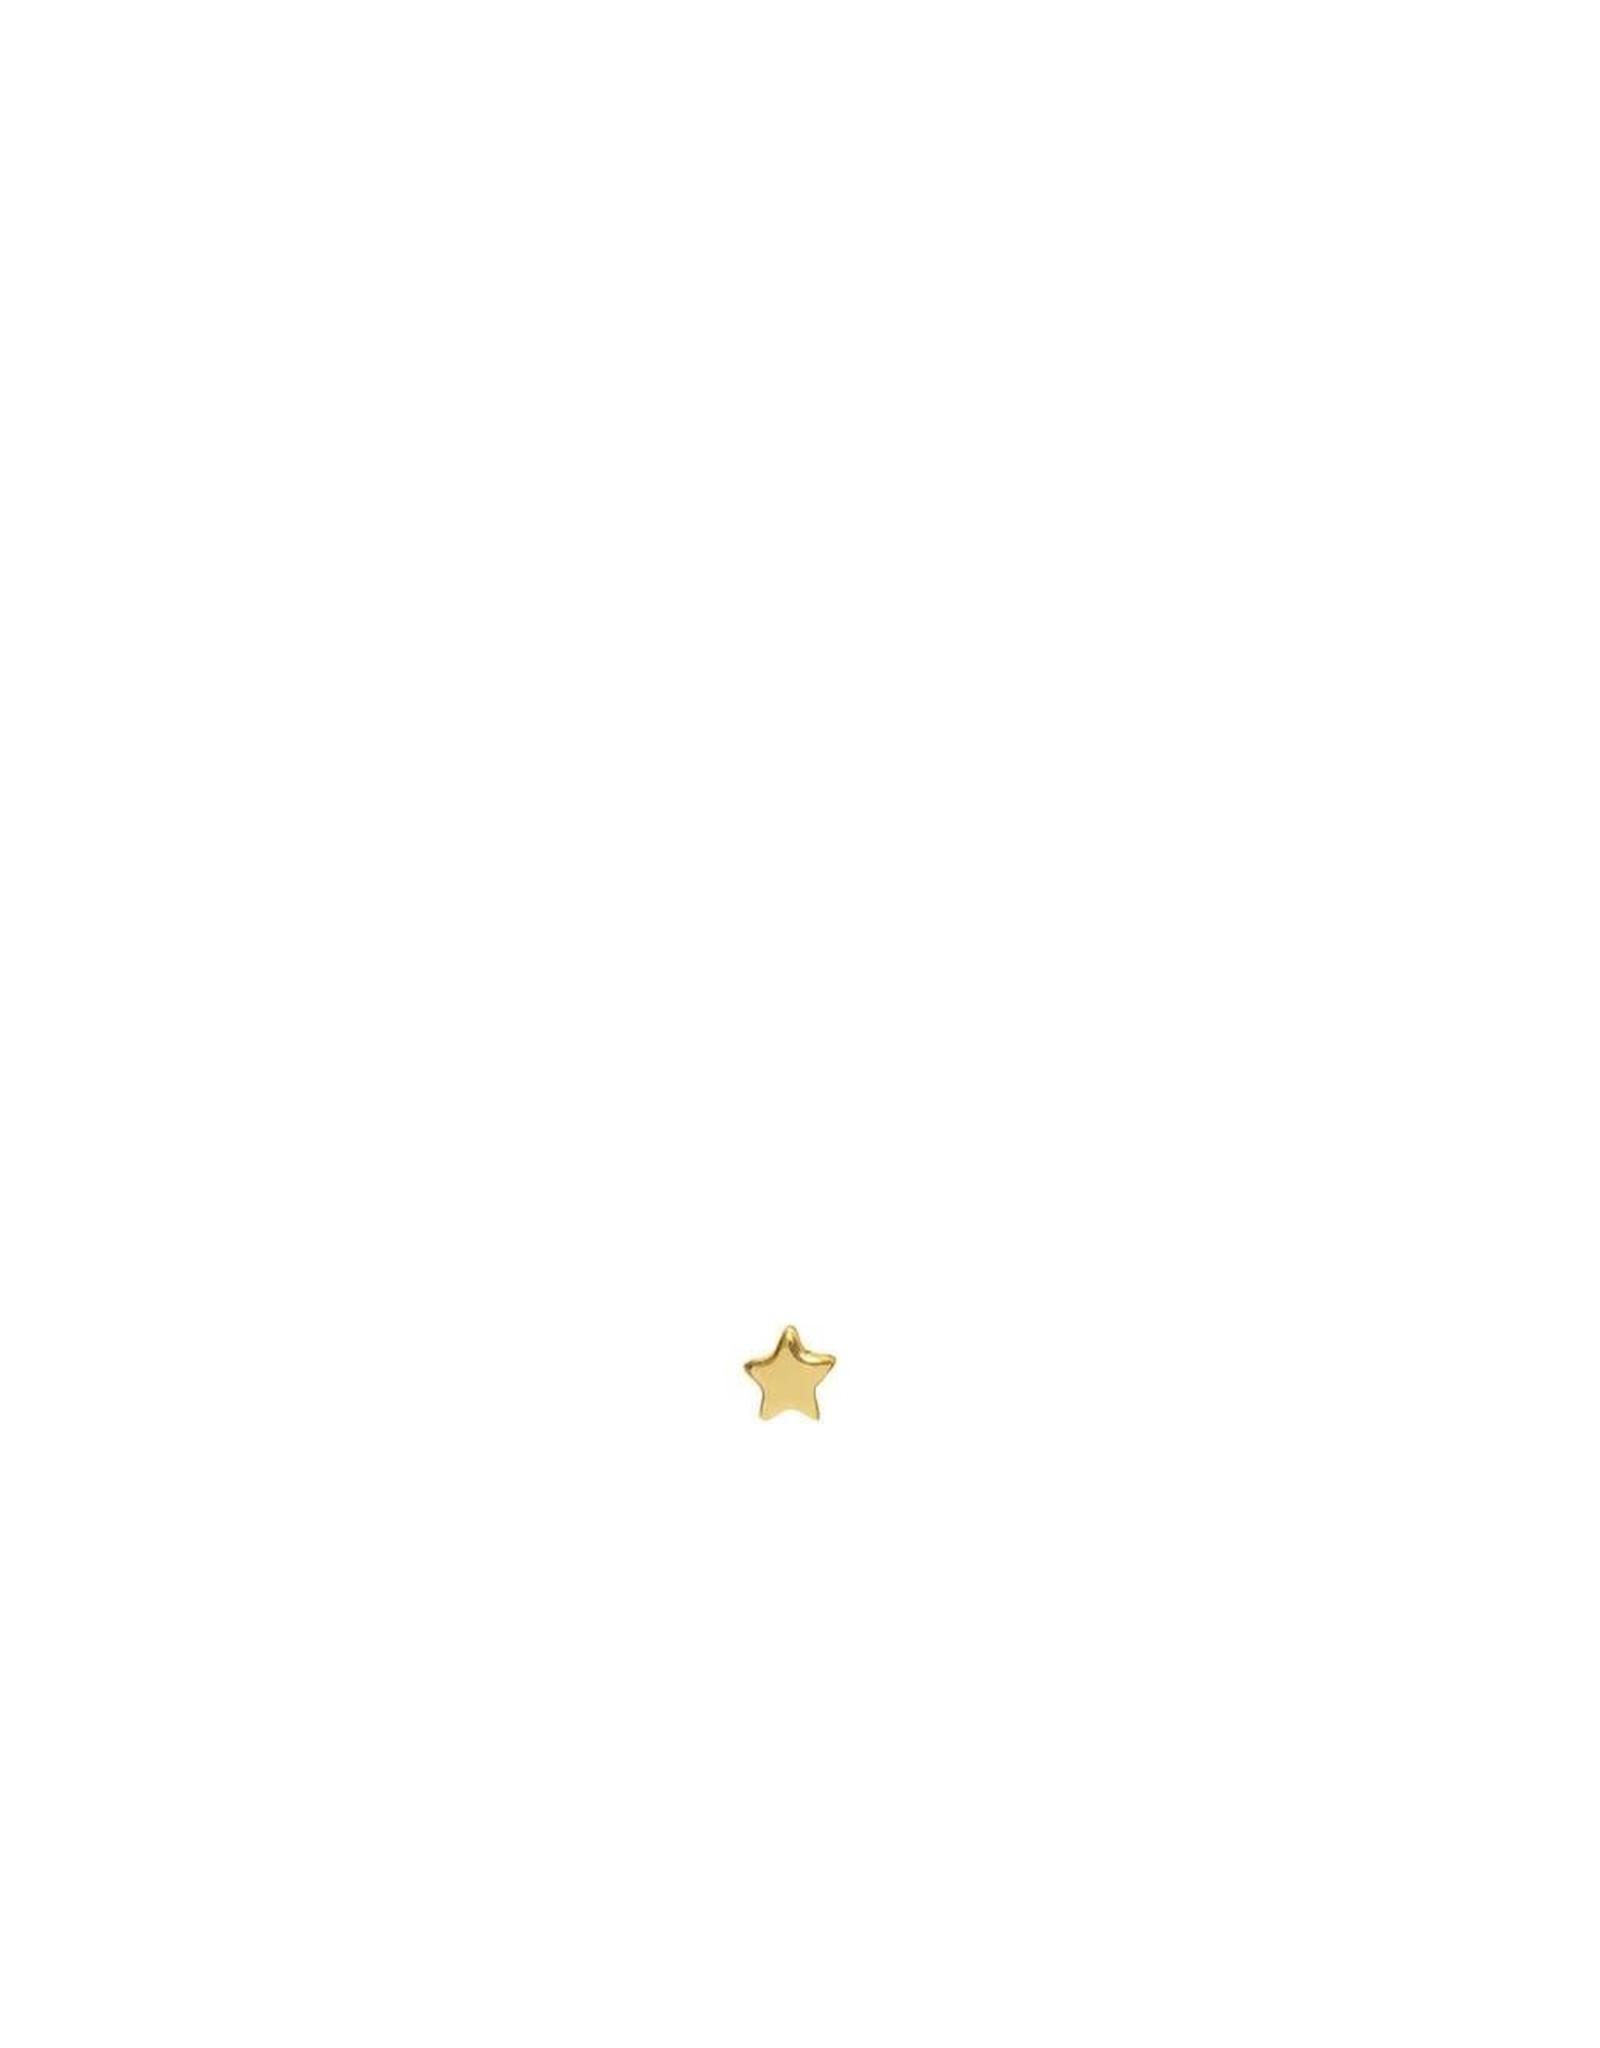 EARRING JOLIE MINI STAR